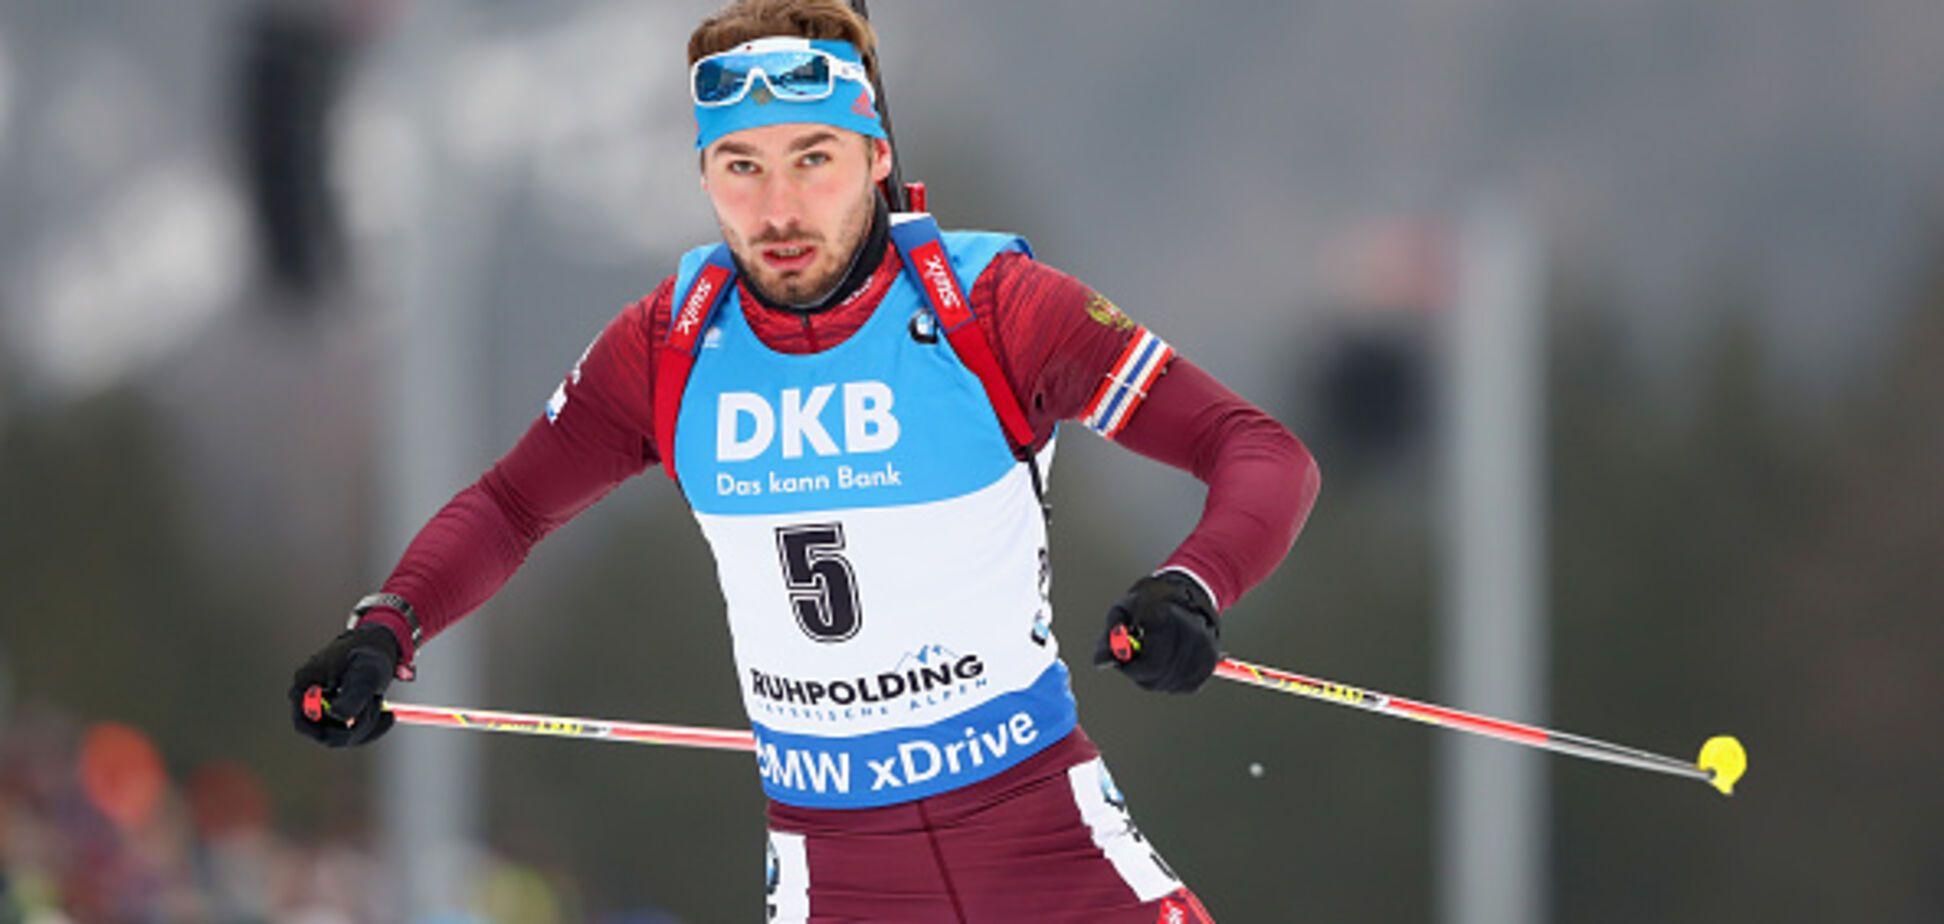 Кращий біатлоніст Росії бездарно втратив 'срібло' в естафеті Кубка світу з біатлону